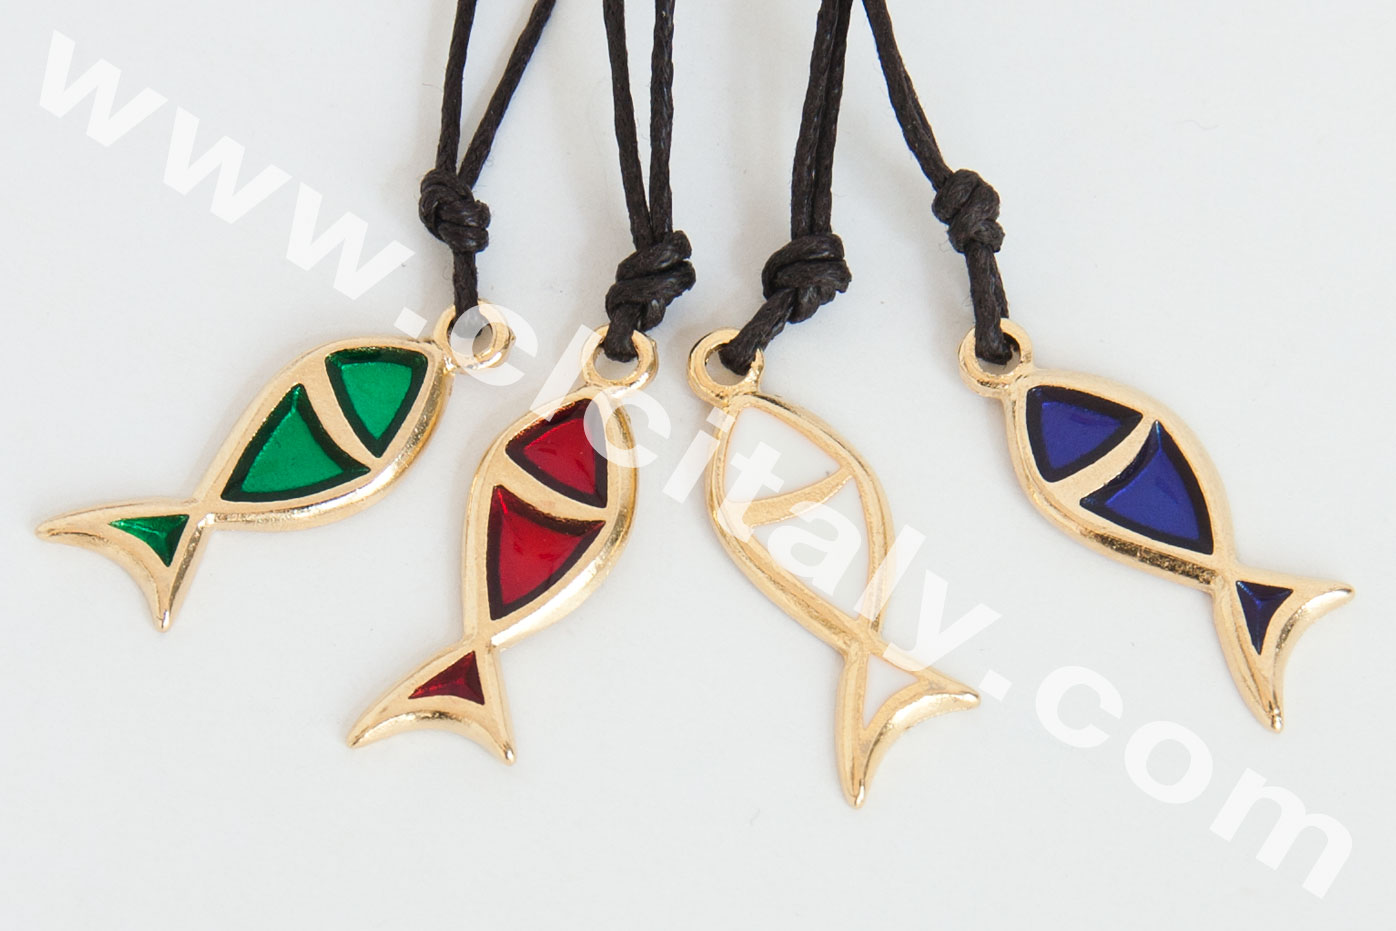 Collana Pesce Dorato Stilizzato Con Interno Colorato (Art. 108)